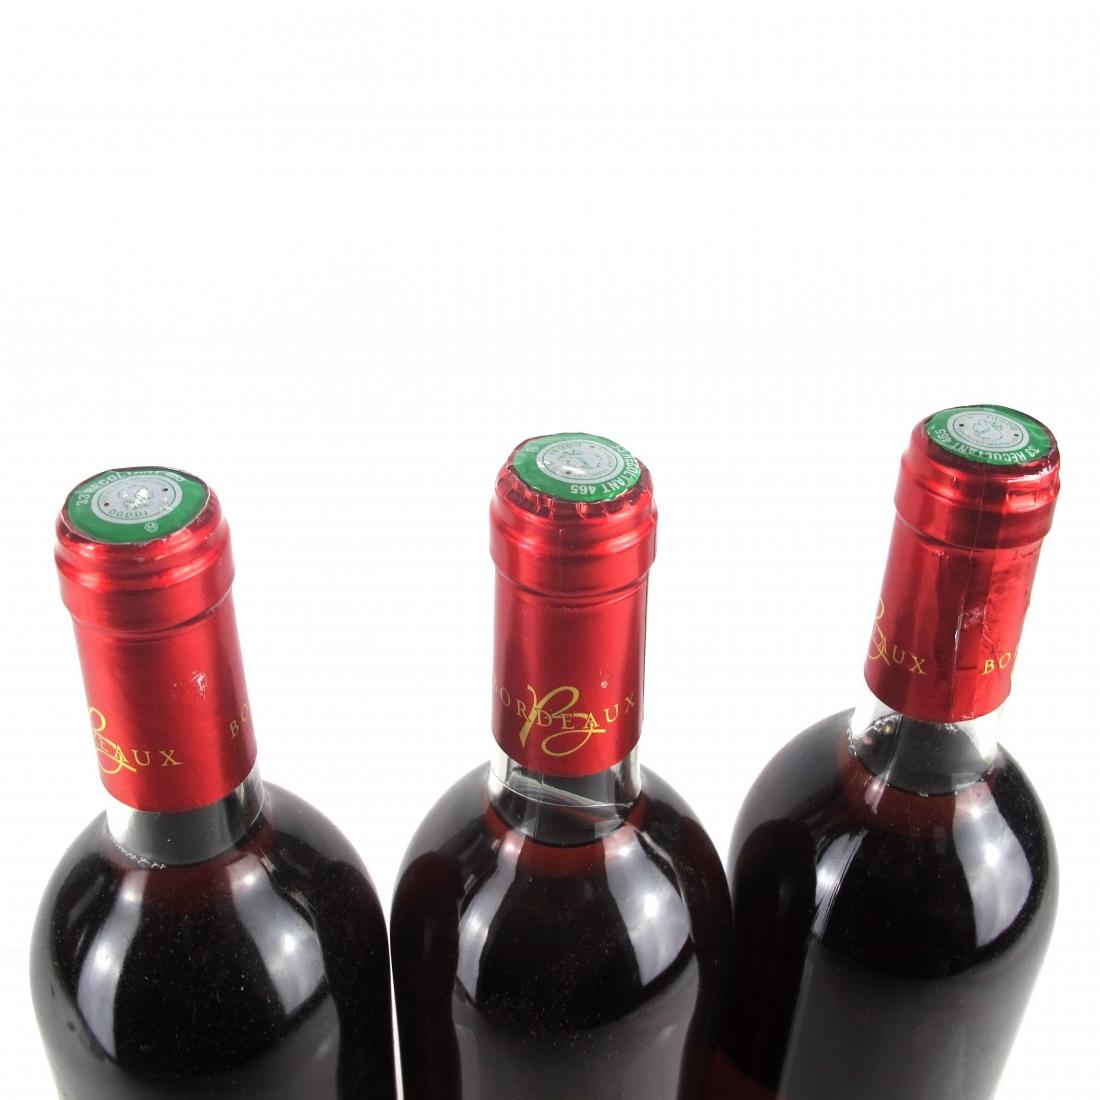 Pierron Rose 2009 Bordeaux 3x75cl